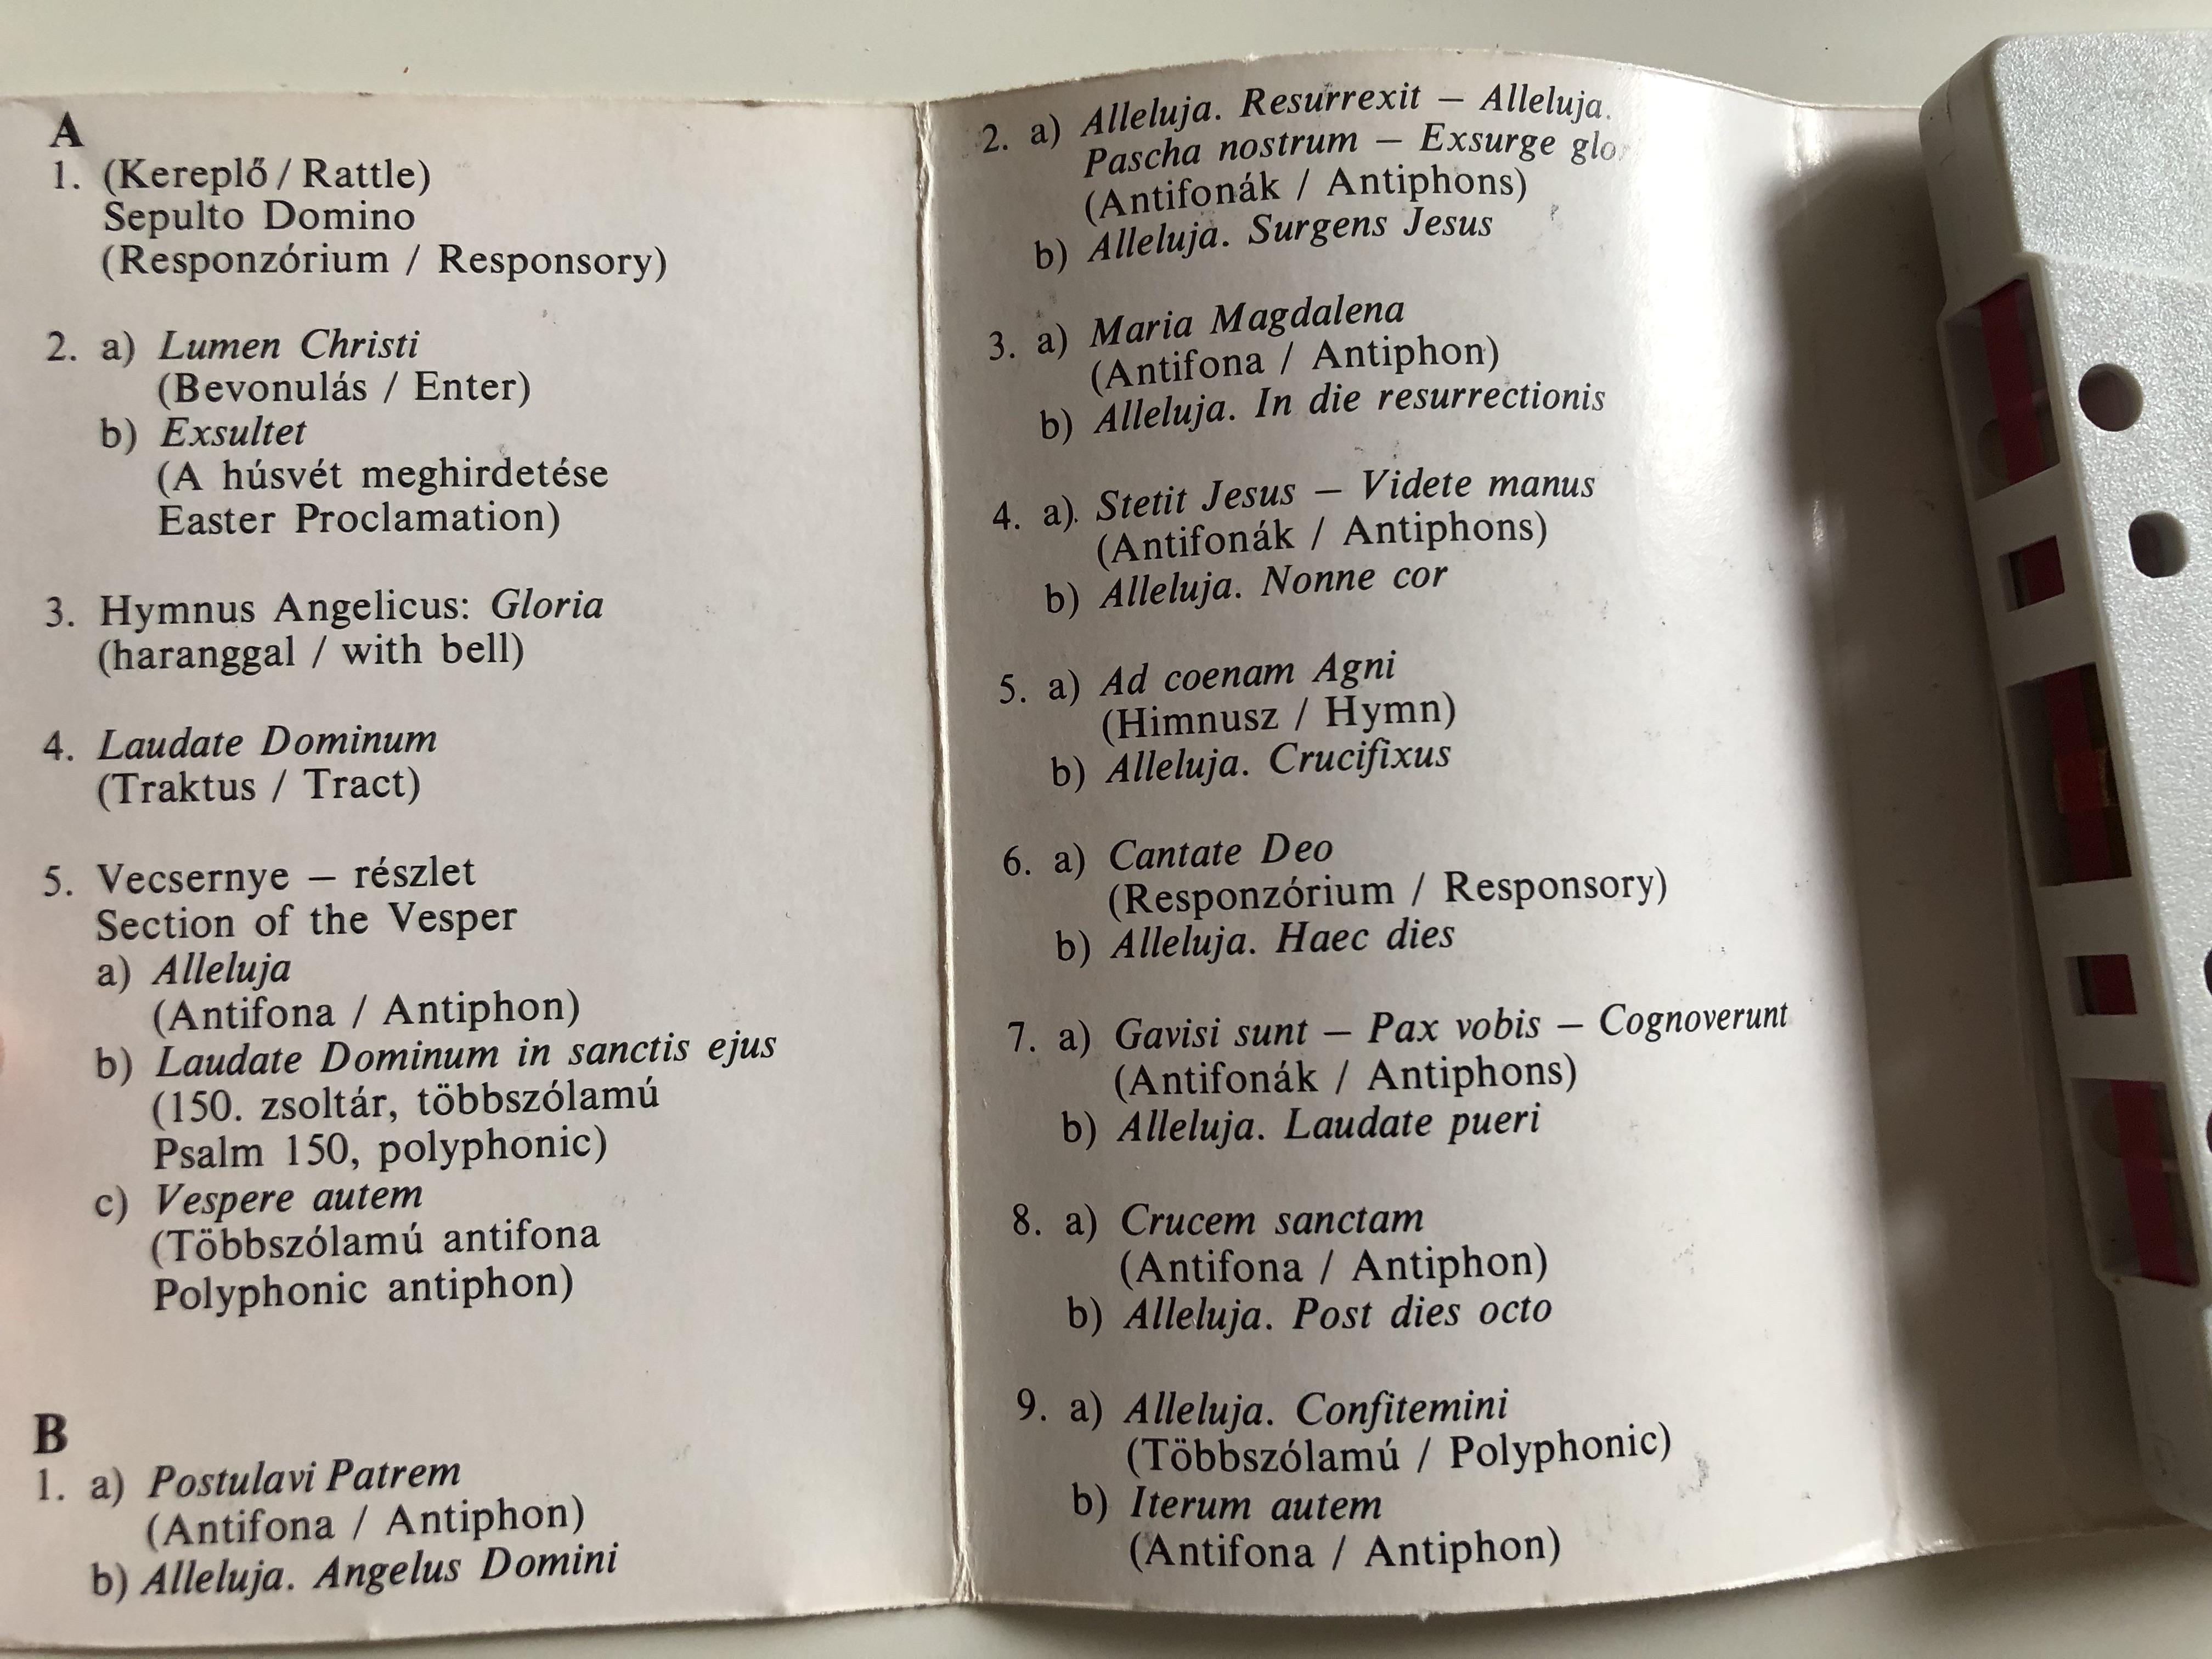 easter-s-herald-h-sv-t-h-rn-ke-gregorian-chants-schola-hungarica-hungaroton-cassette-stereo-mk-12558-3-.jpg